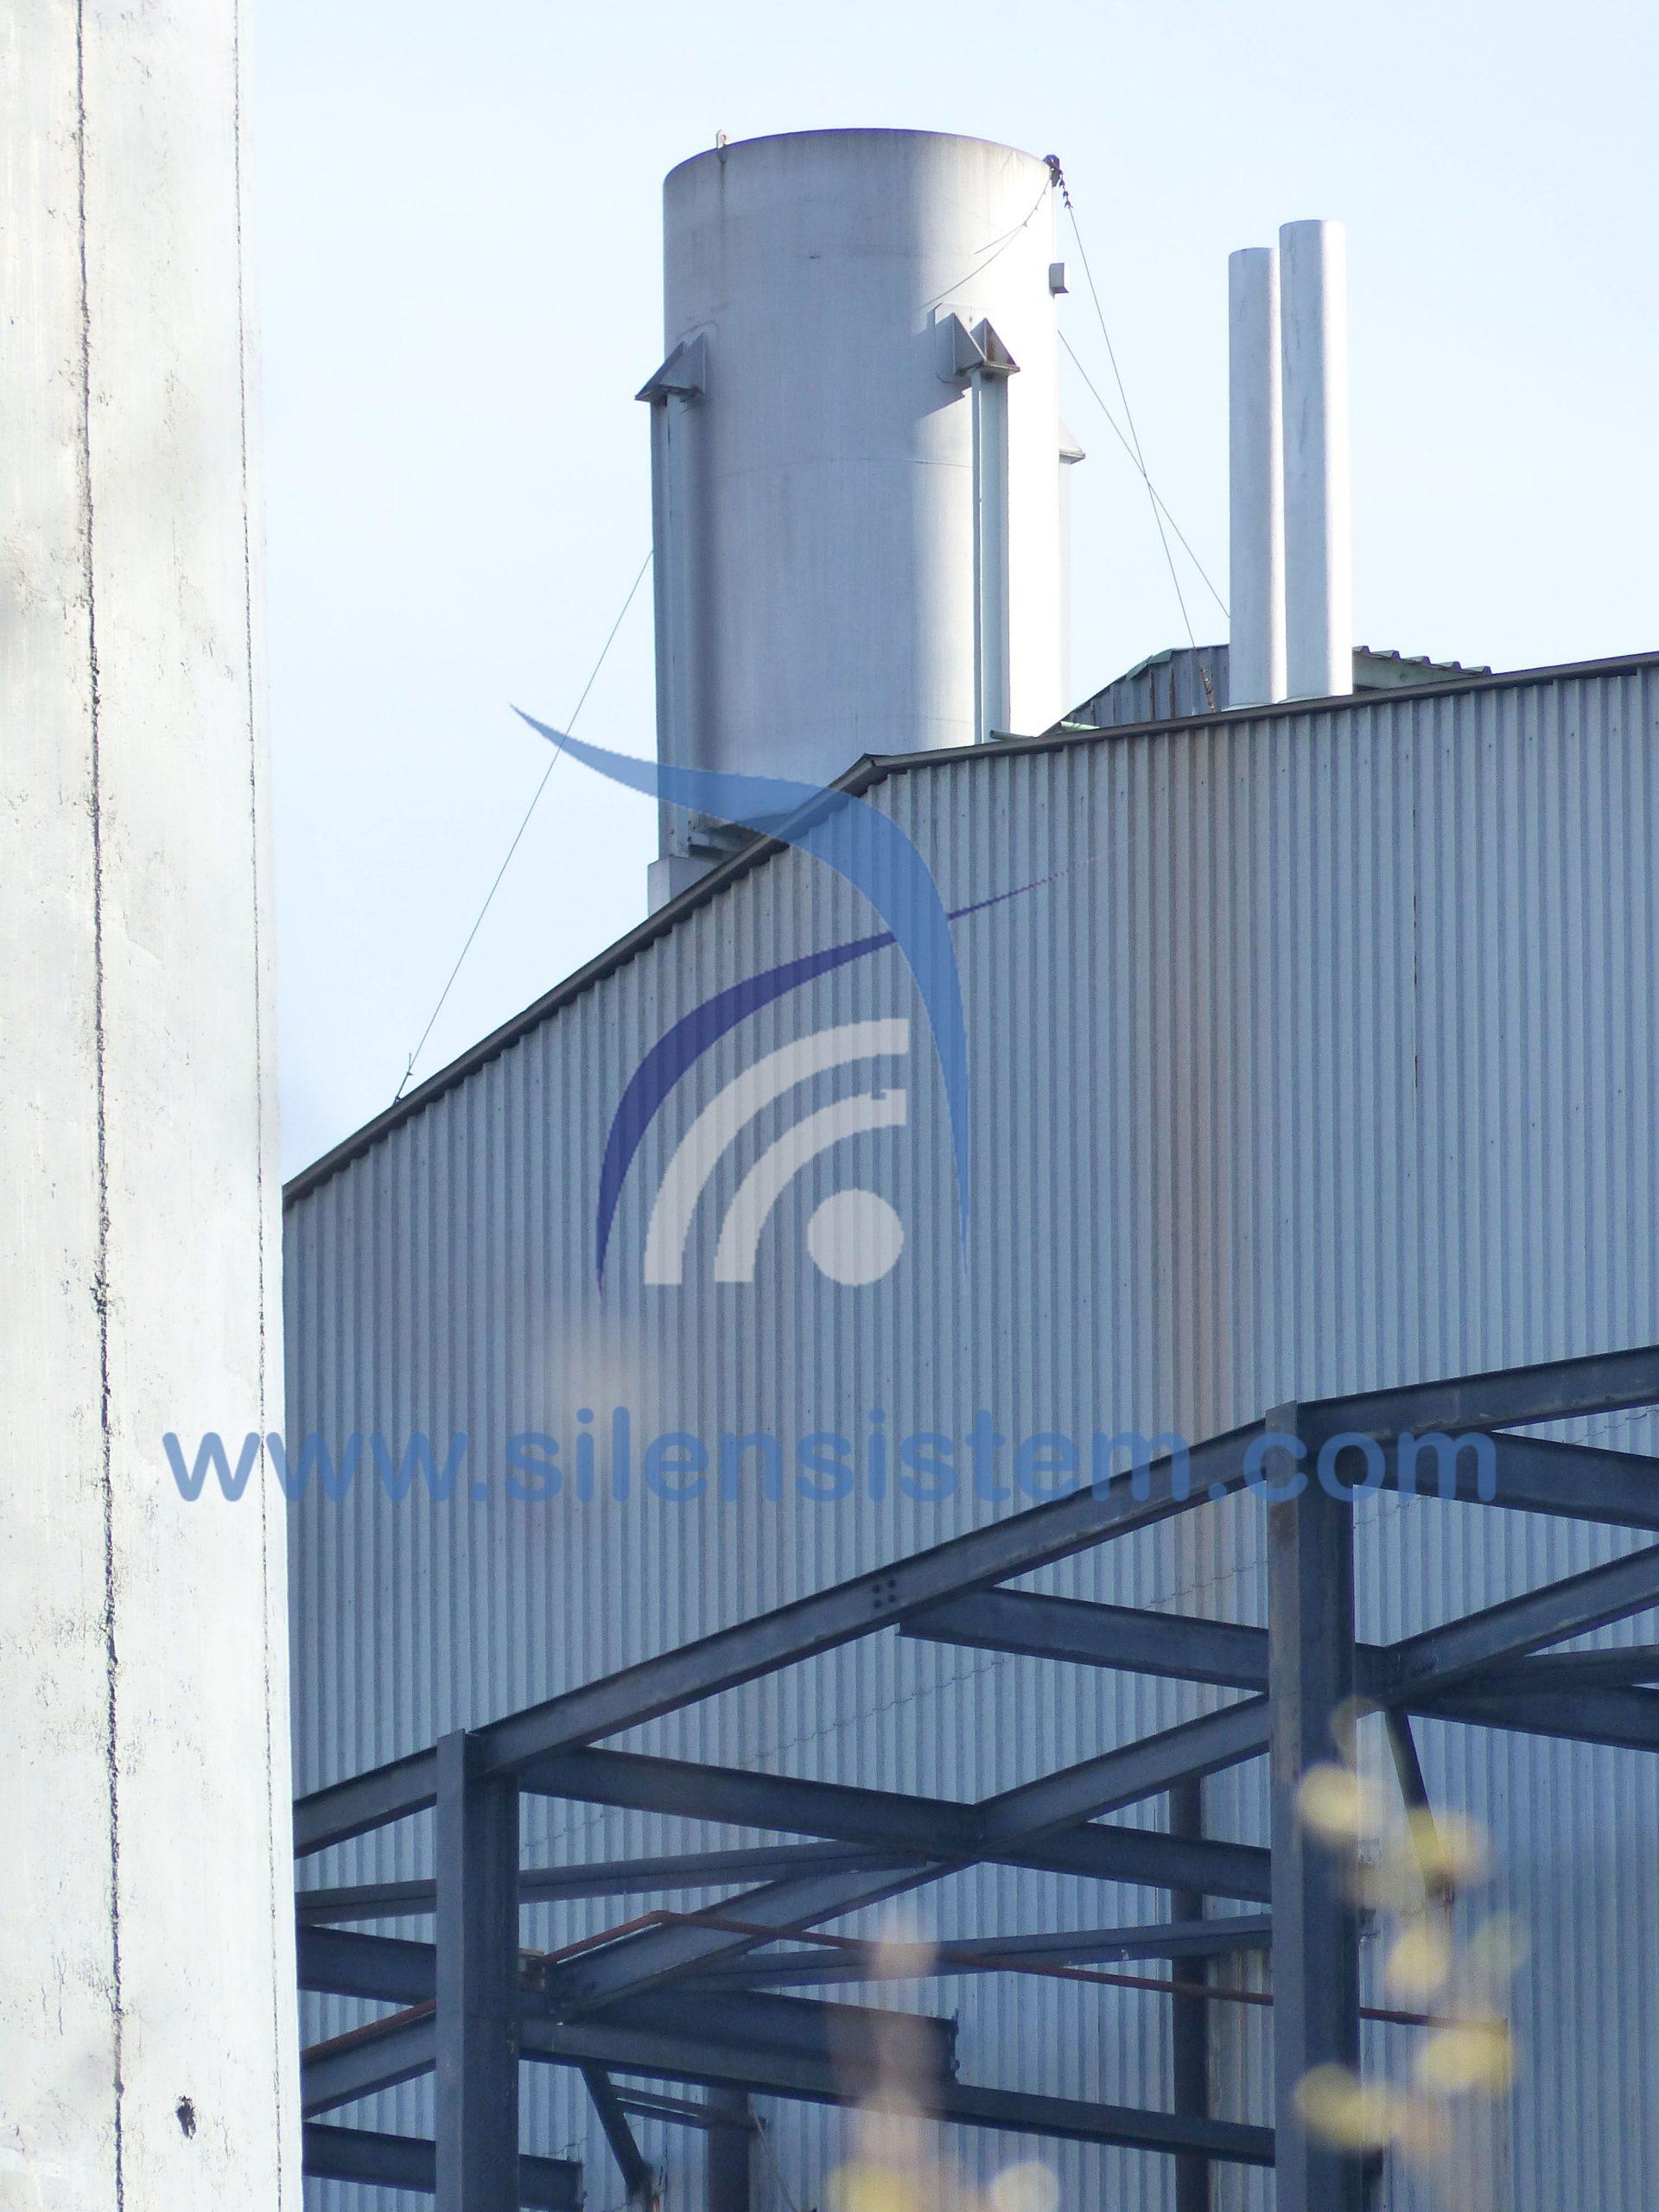 Silenciador Acústico industrial. Silenciador de descarga, vapor, alta presión.